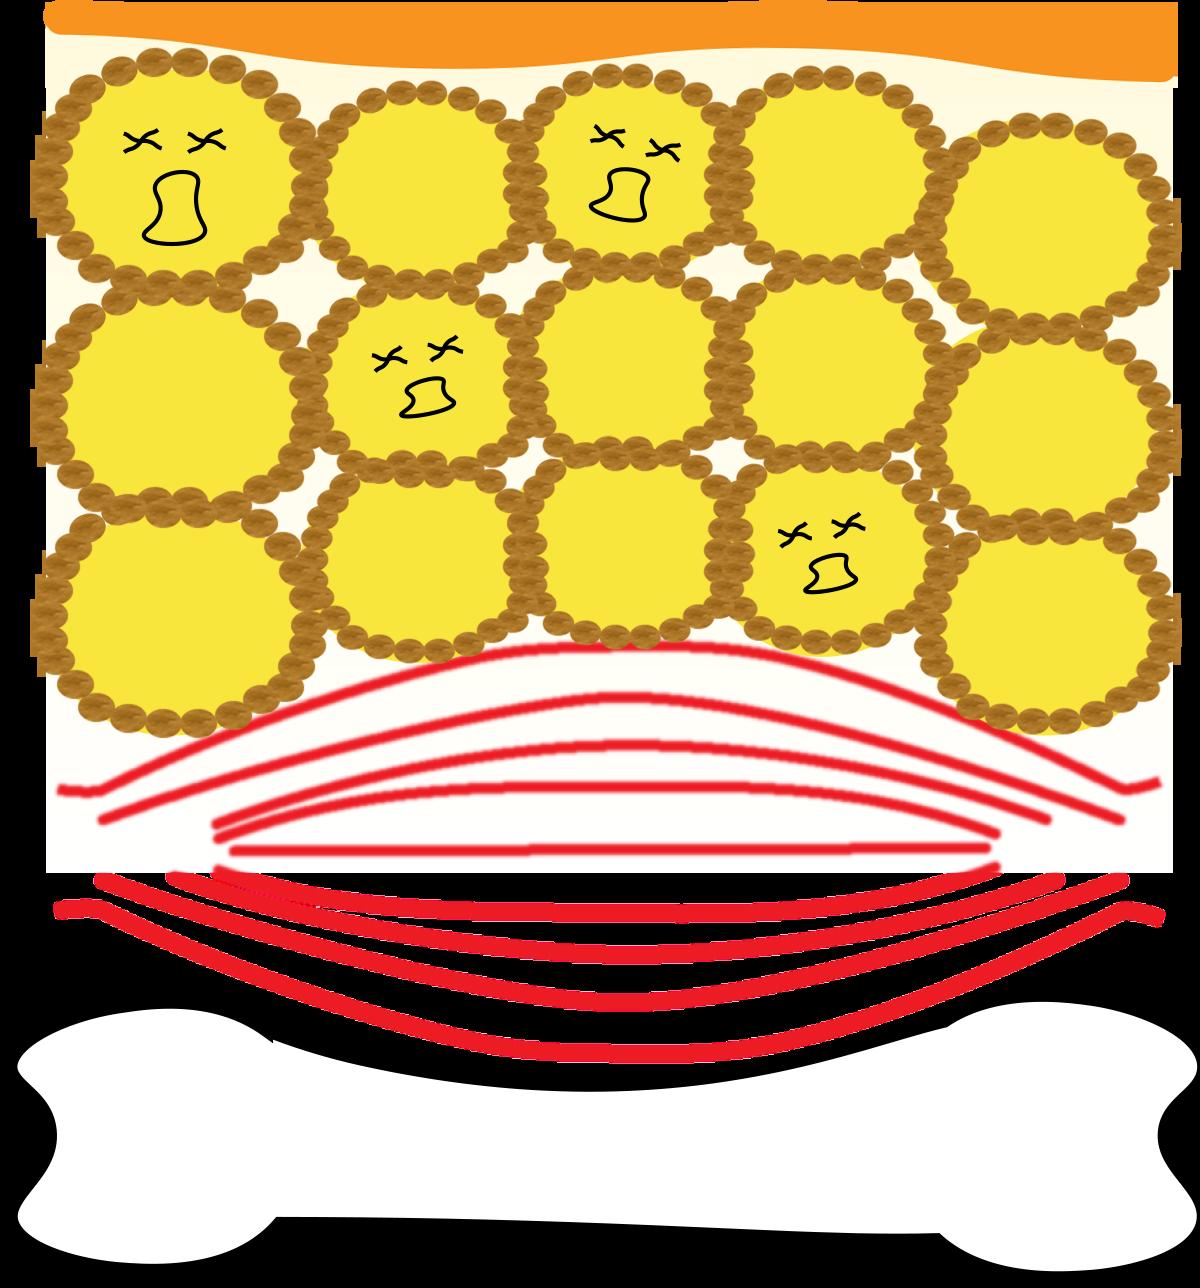 セルライトが出来る仕組み3の図